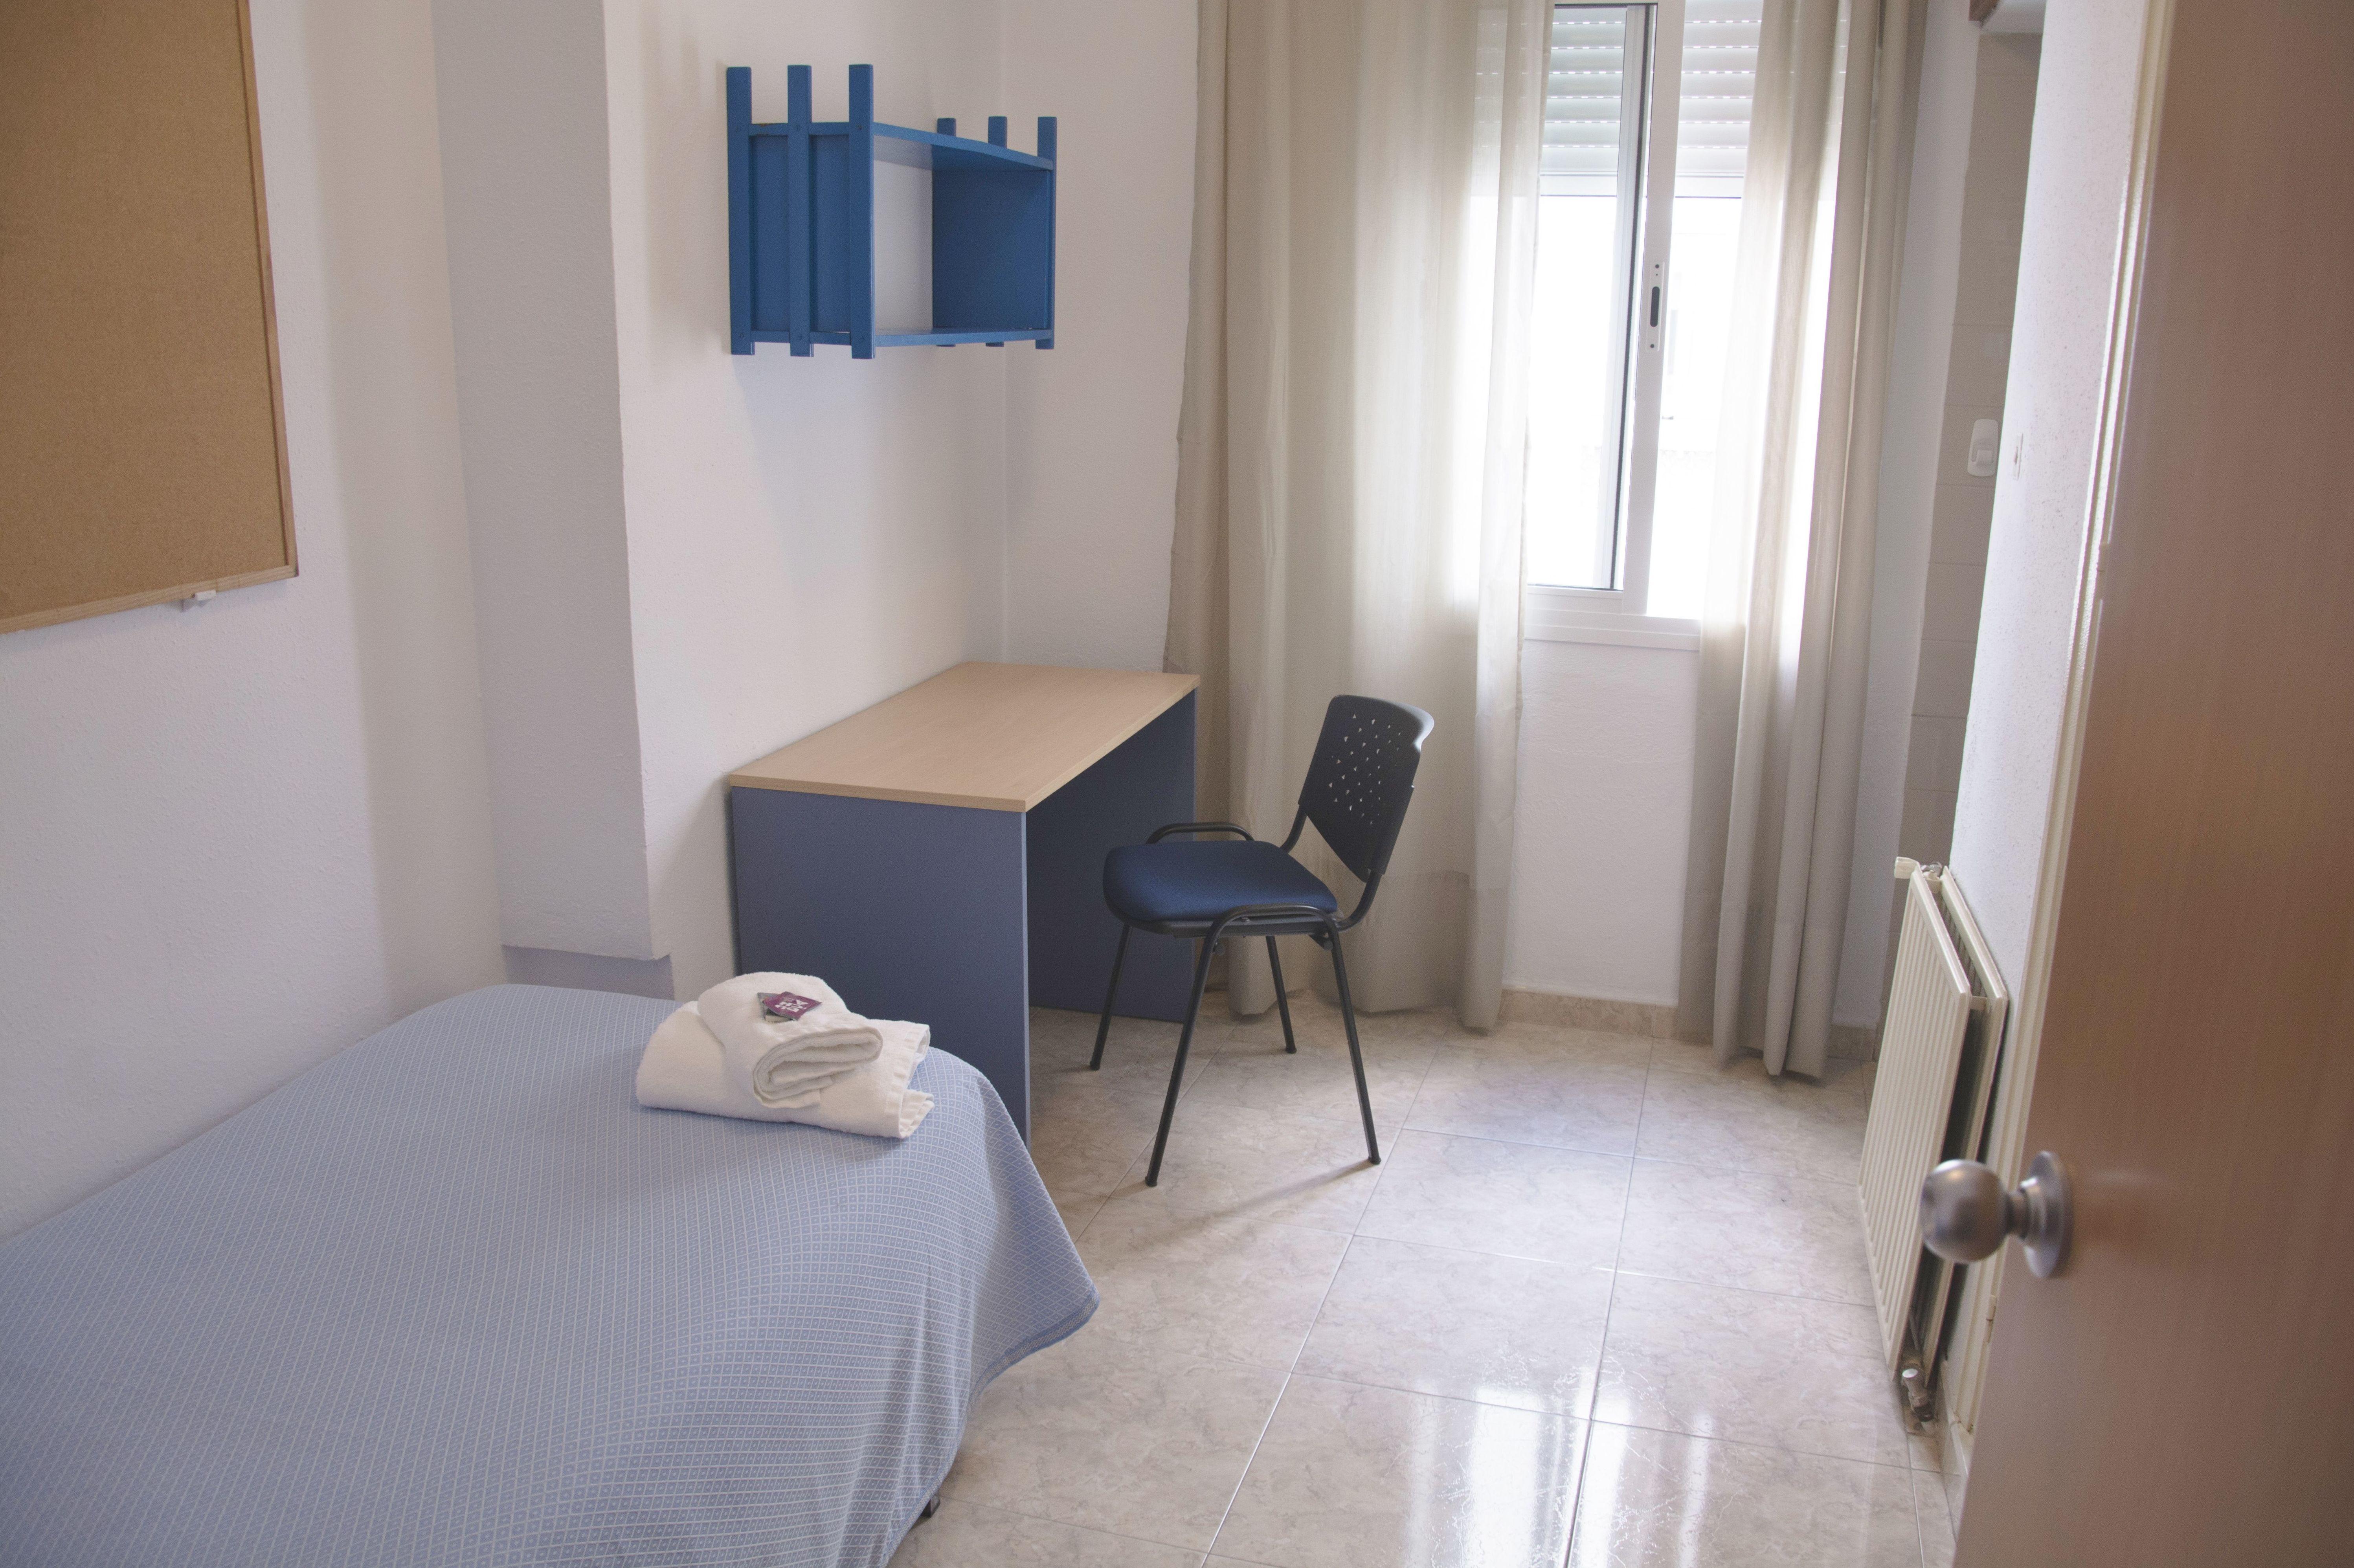 Foto 2 de Residencia de estudiantes en Cádiz | Residencia de Estudiantes Cádiz Centro